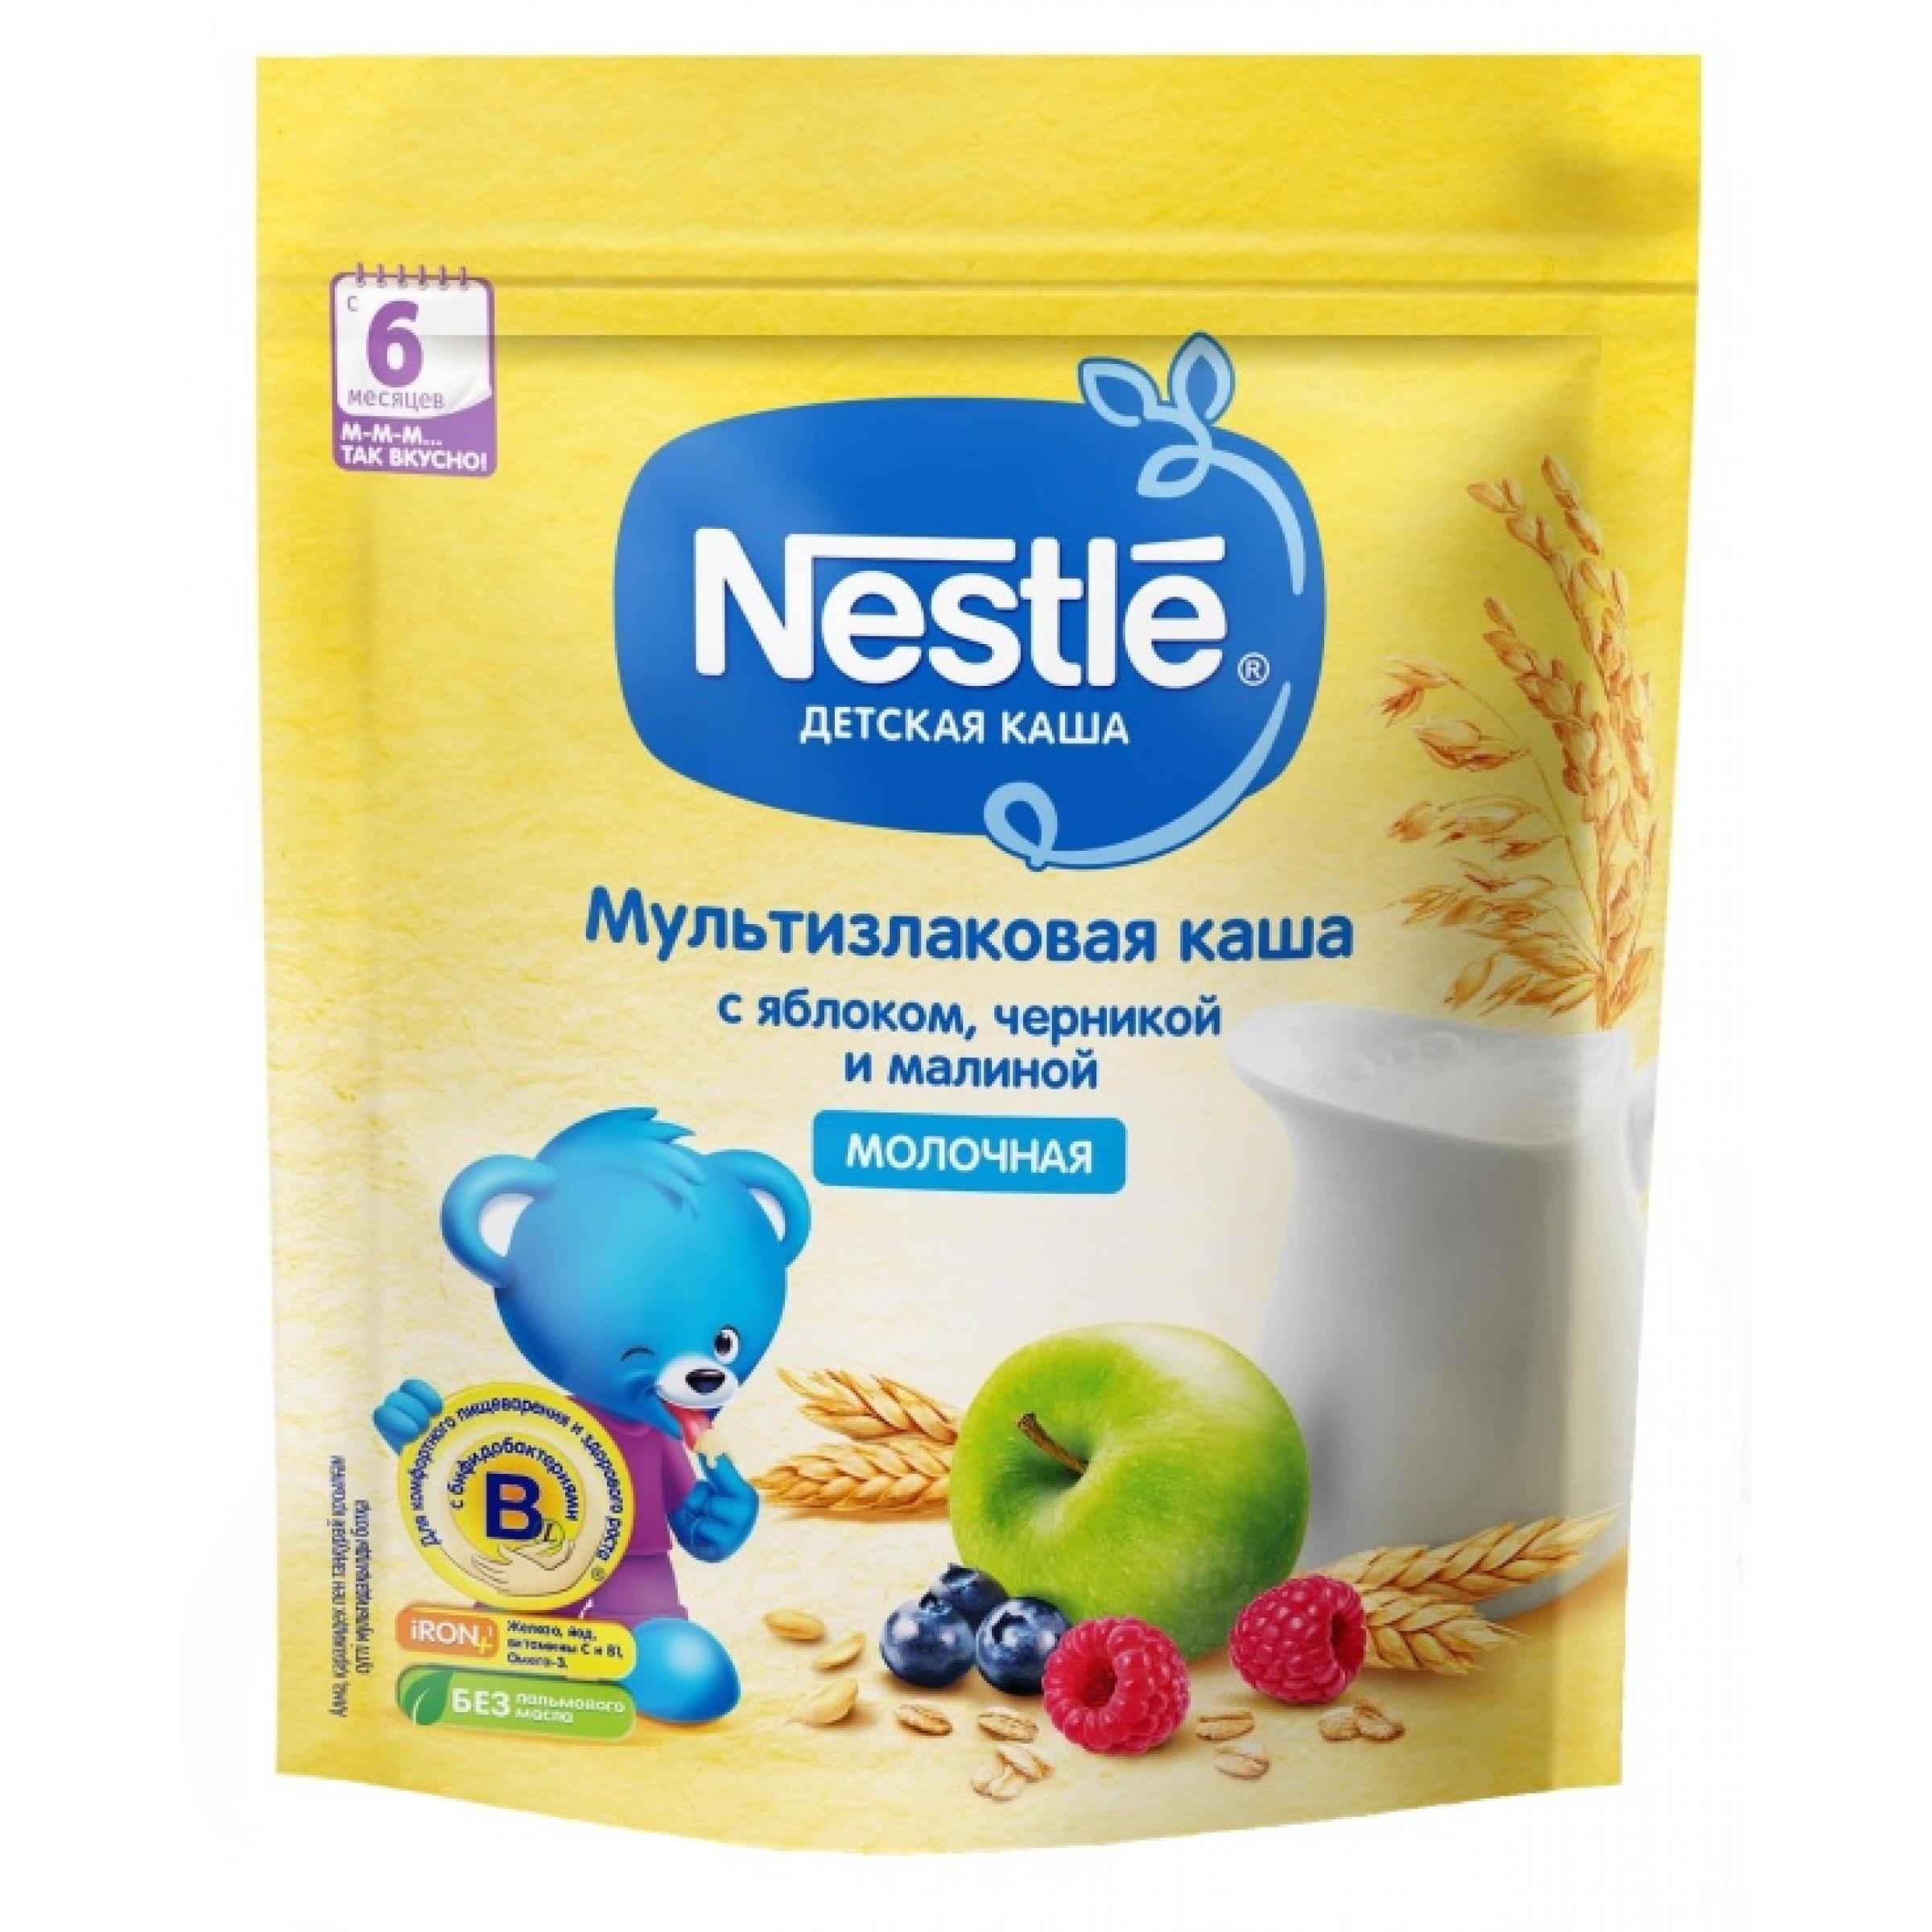 Каша Nestle Молочная мультизлаковая с яблоком, черникой и малиной с 6 месяцев, 220 гр